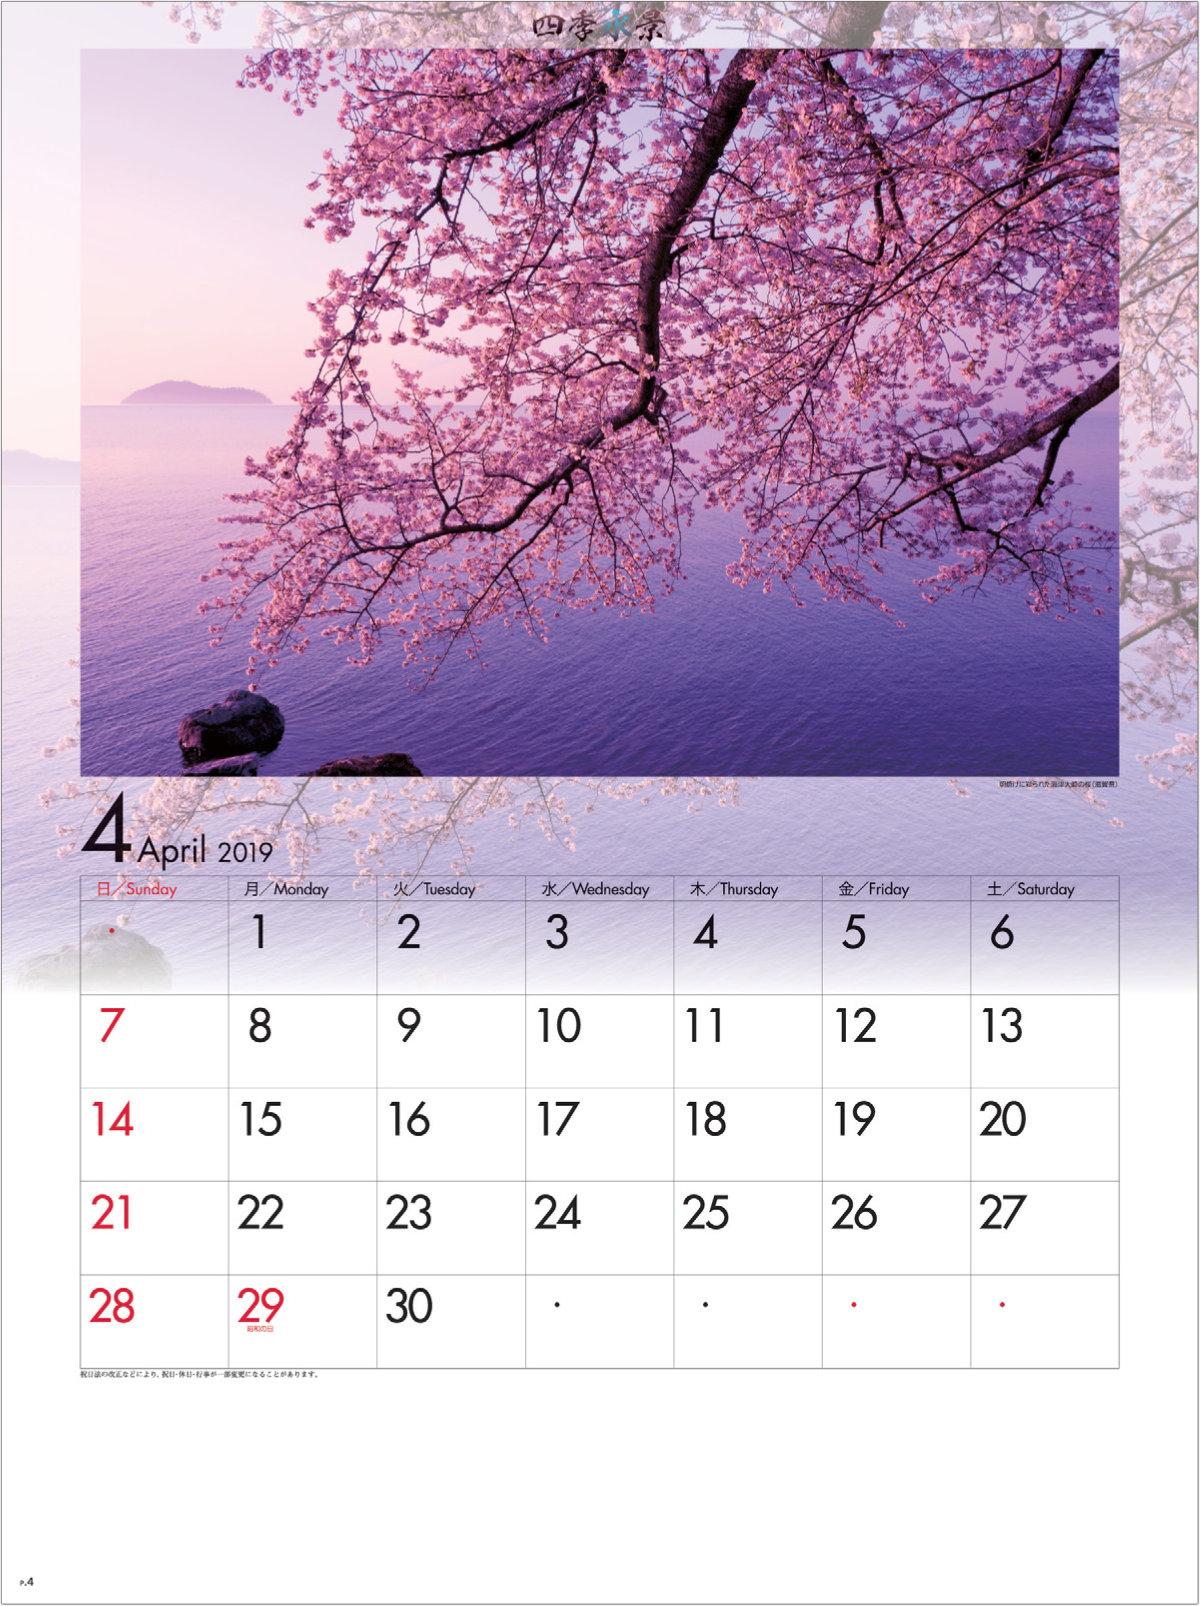 画像:滋賀県 海津大崎の桜 四季水景 2019年カレンダー